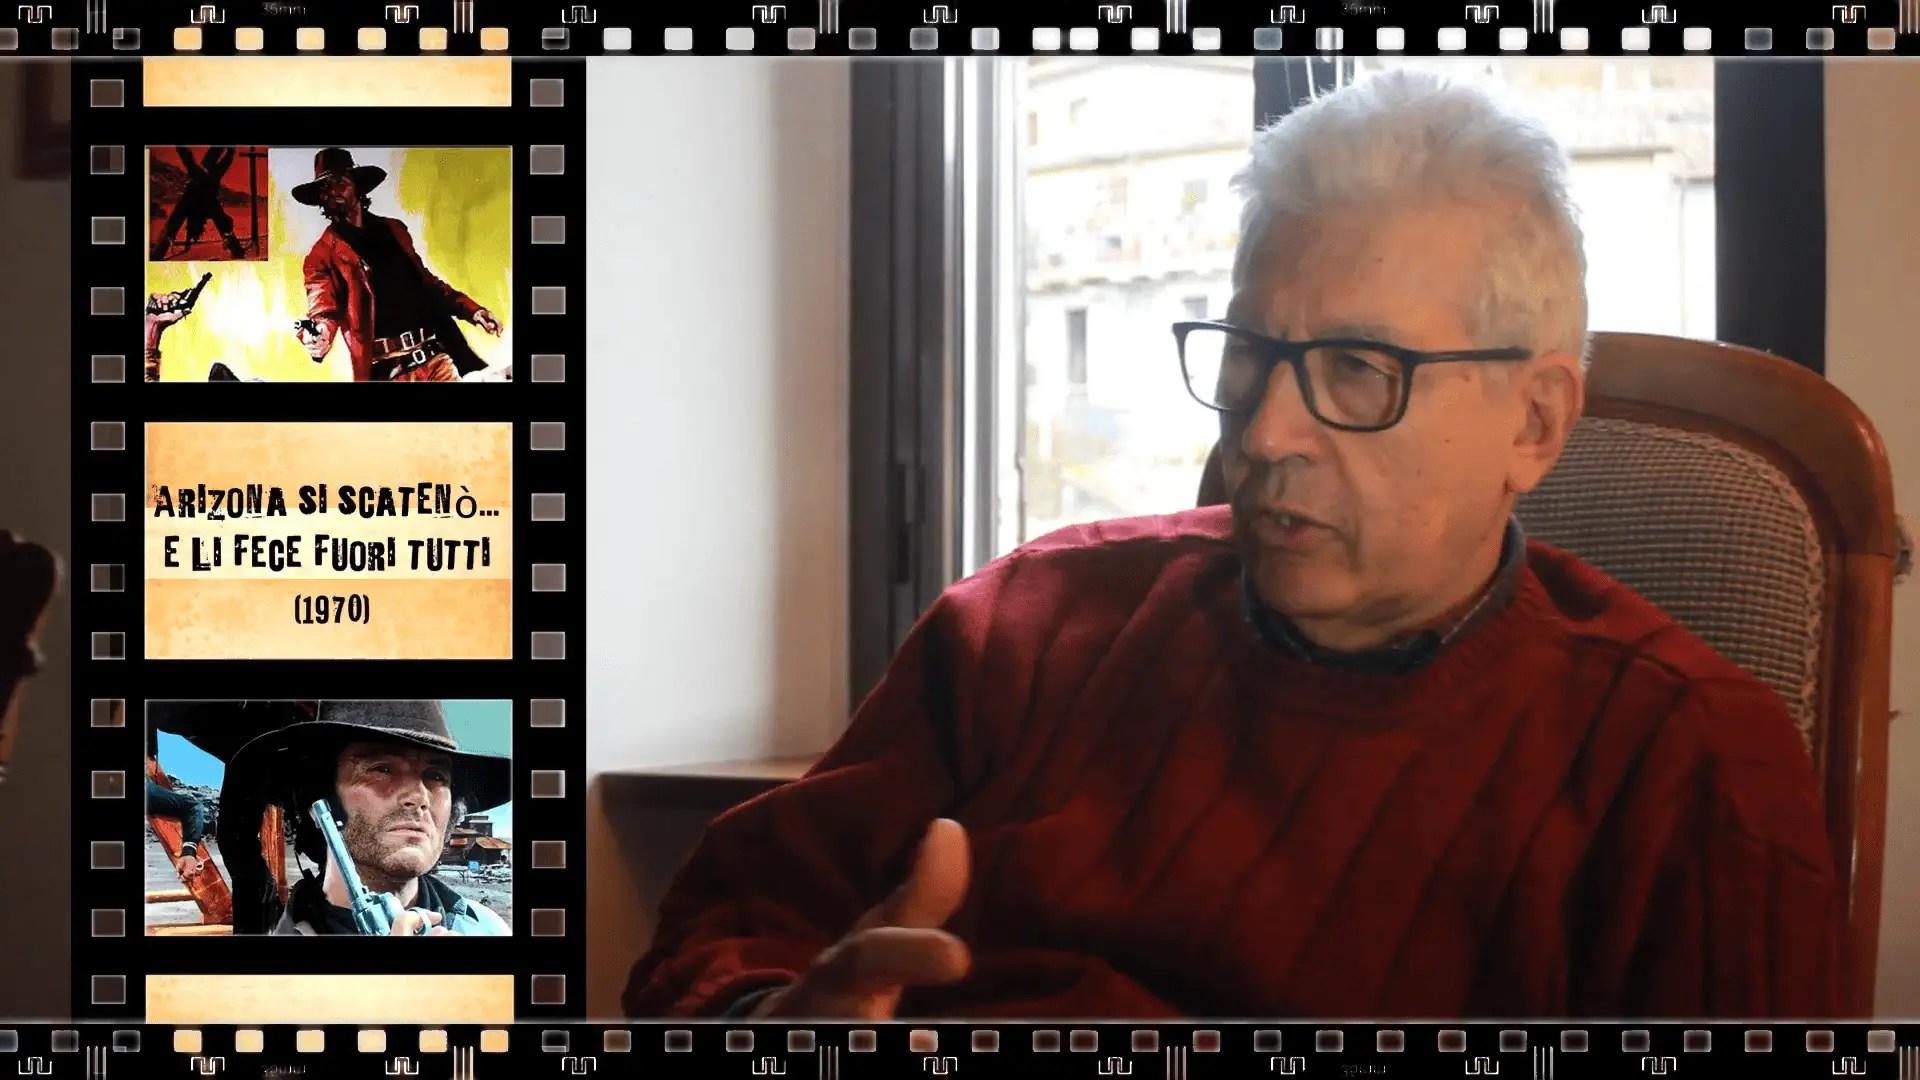 Arizona si scatenò… E li fece fuori tutti (1970) intervista al regista Sergio Martino